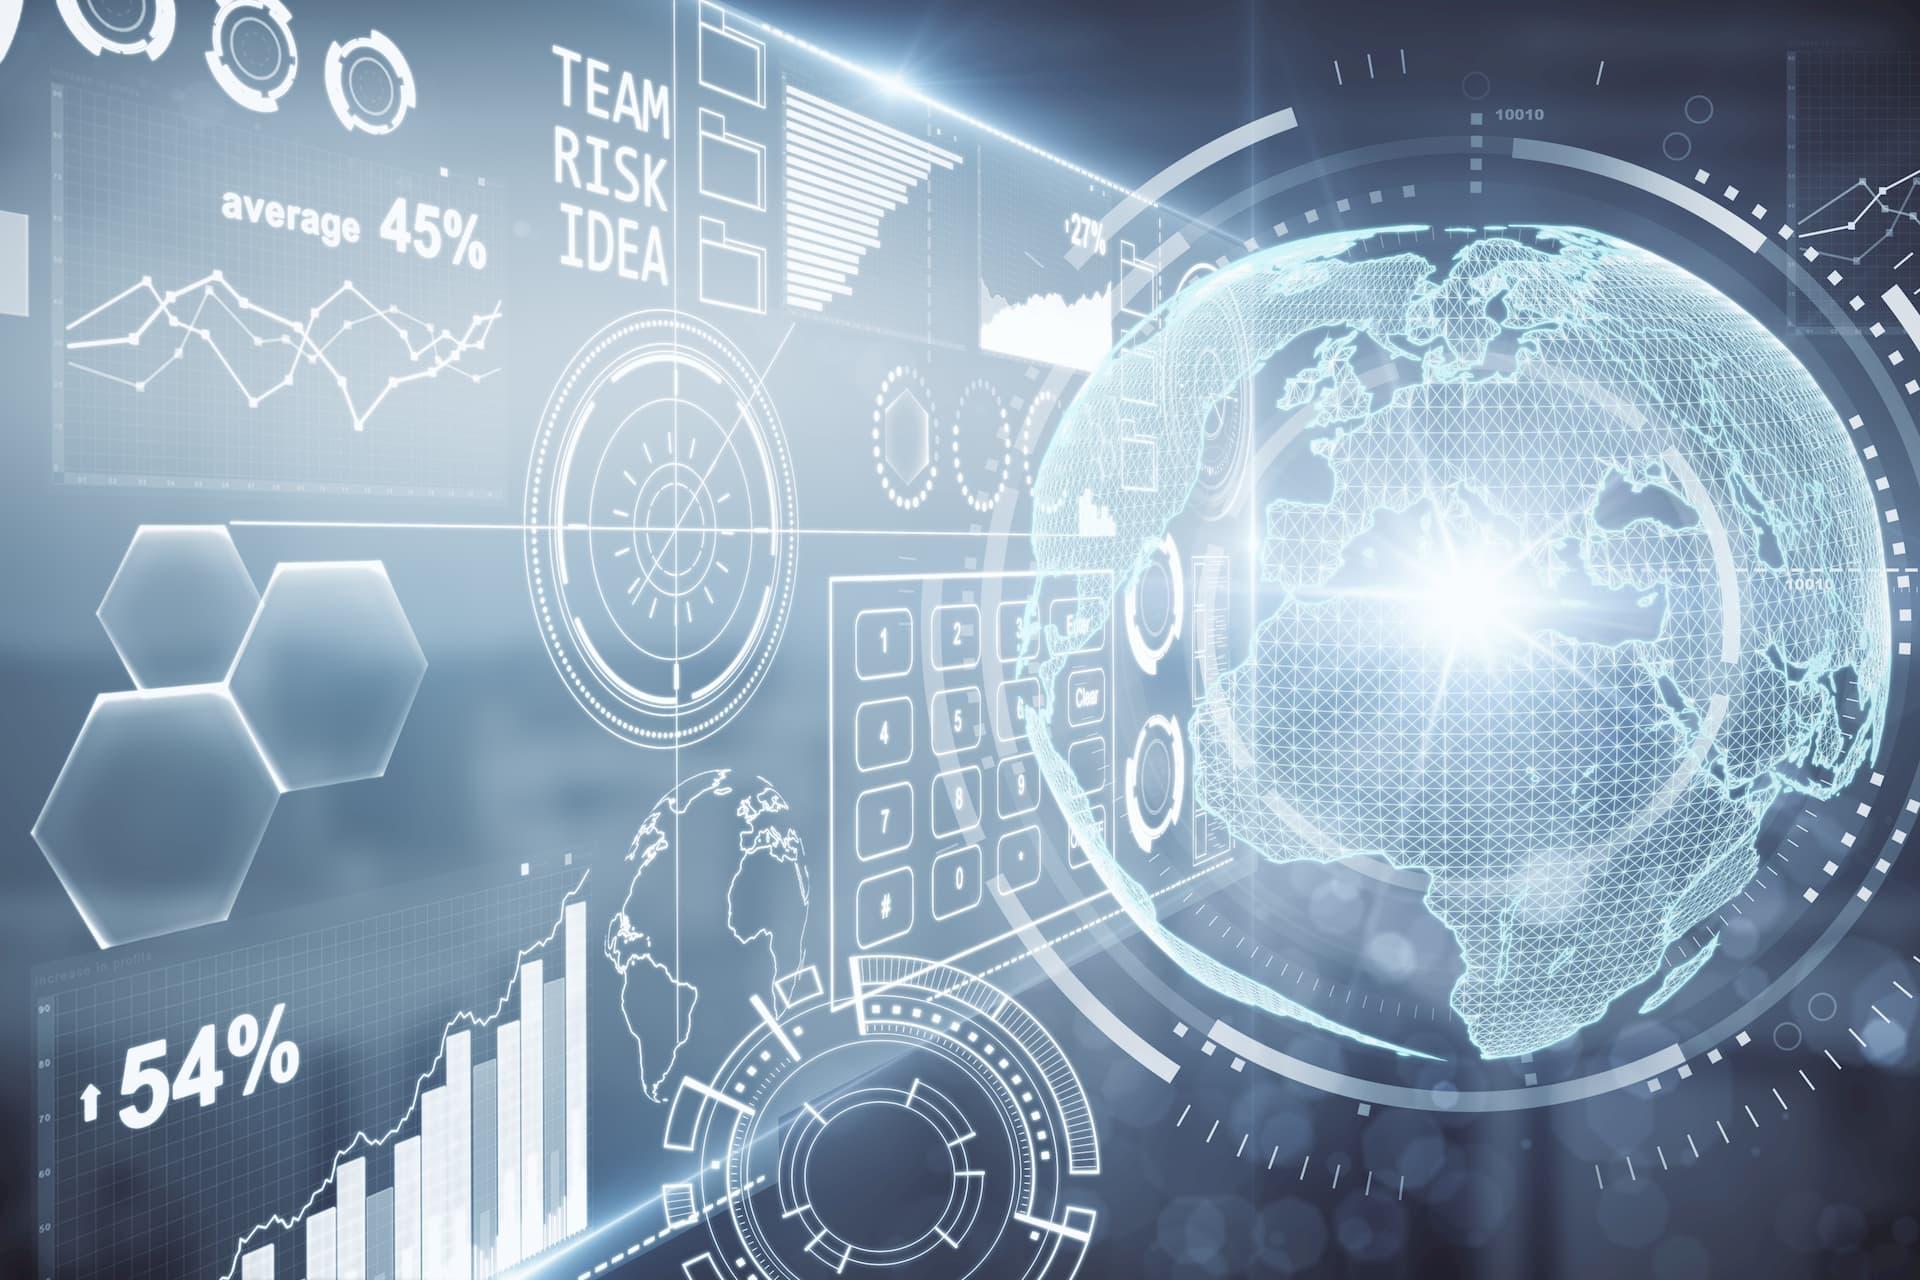 Datame, az első hazai adatmenedzsment platform